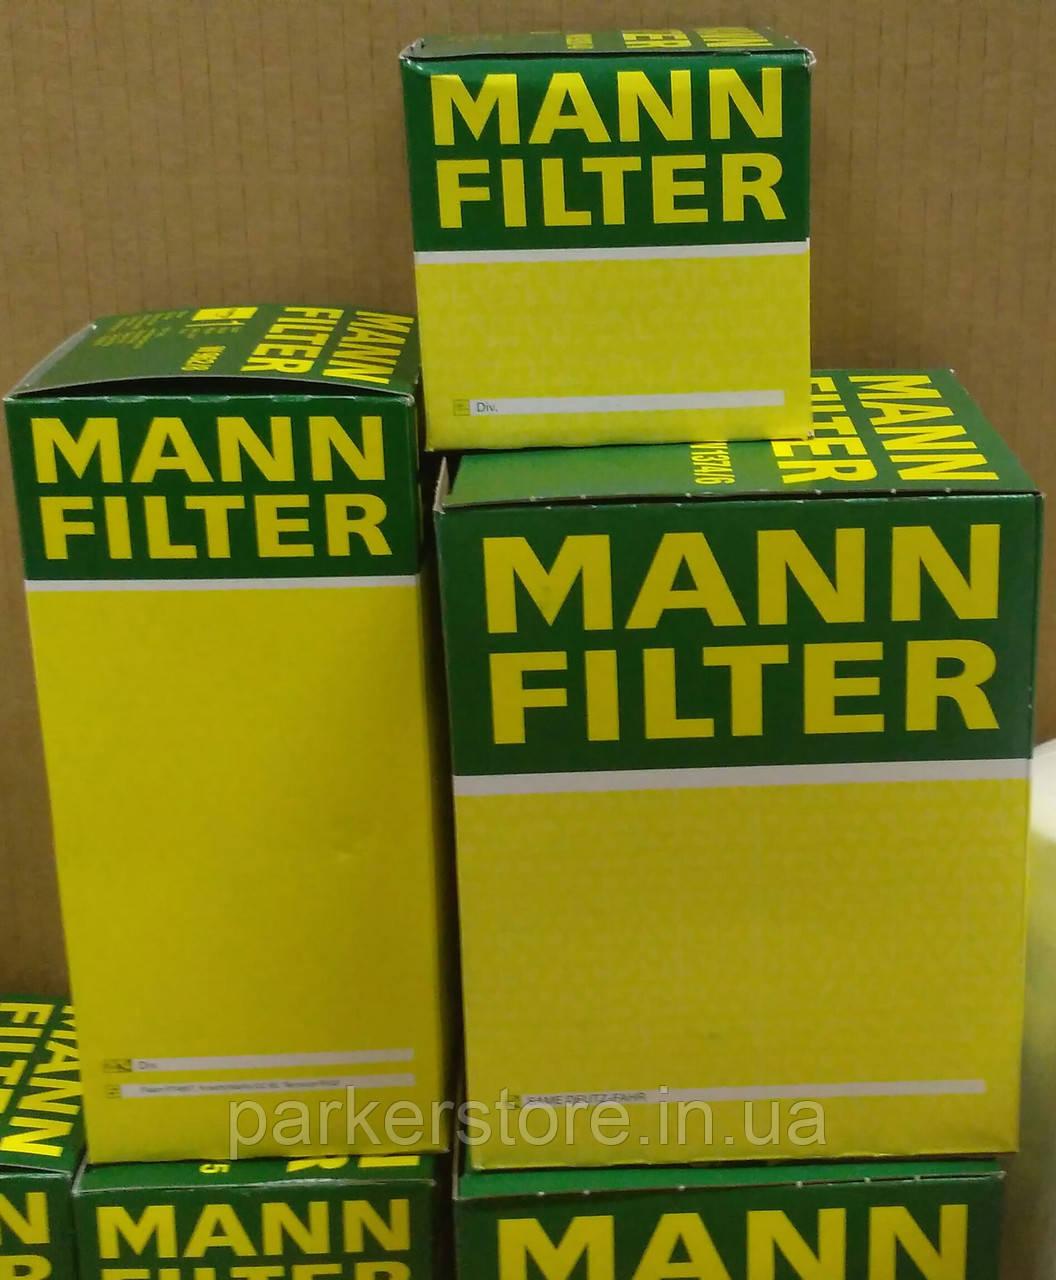 MANN FILTER / Воздушный фильтр / C 24 444/1 / C24444/1